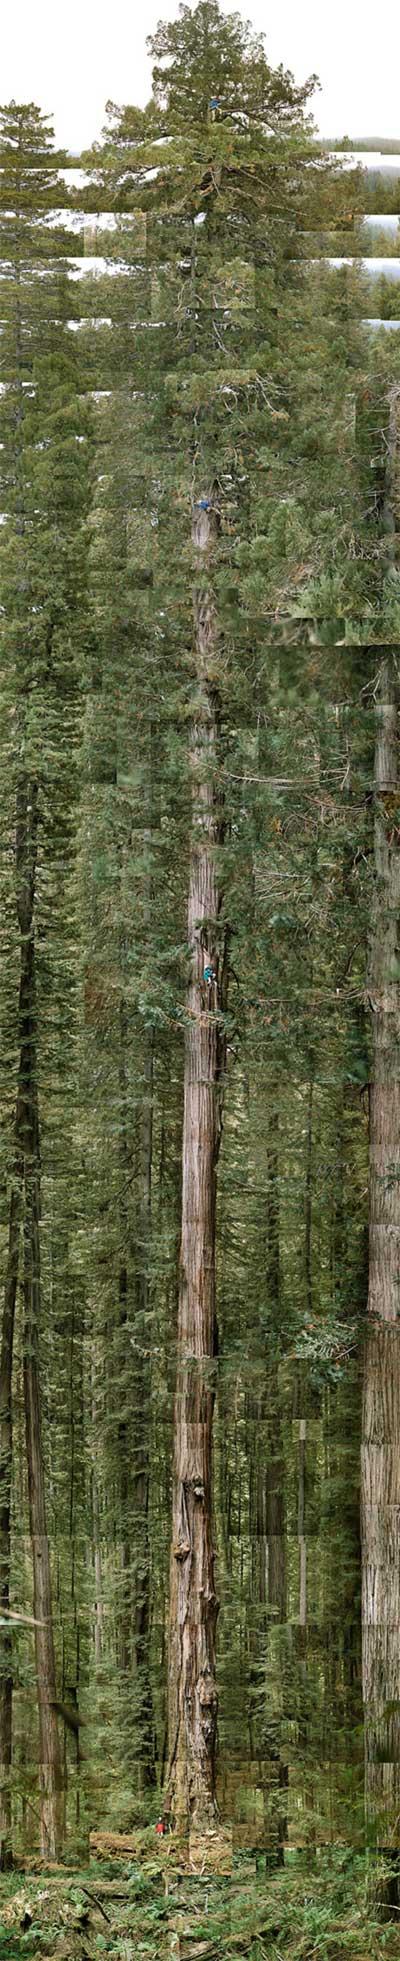 Cây cao nhất thế giới tính tới hiện tại cao bao nhiêu mét?